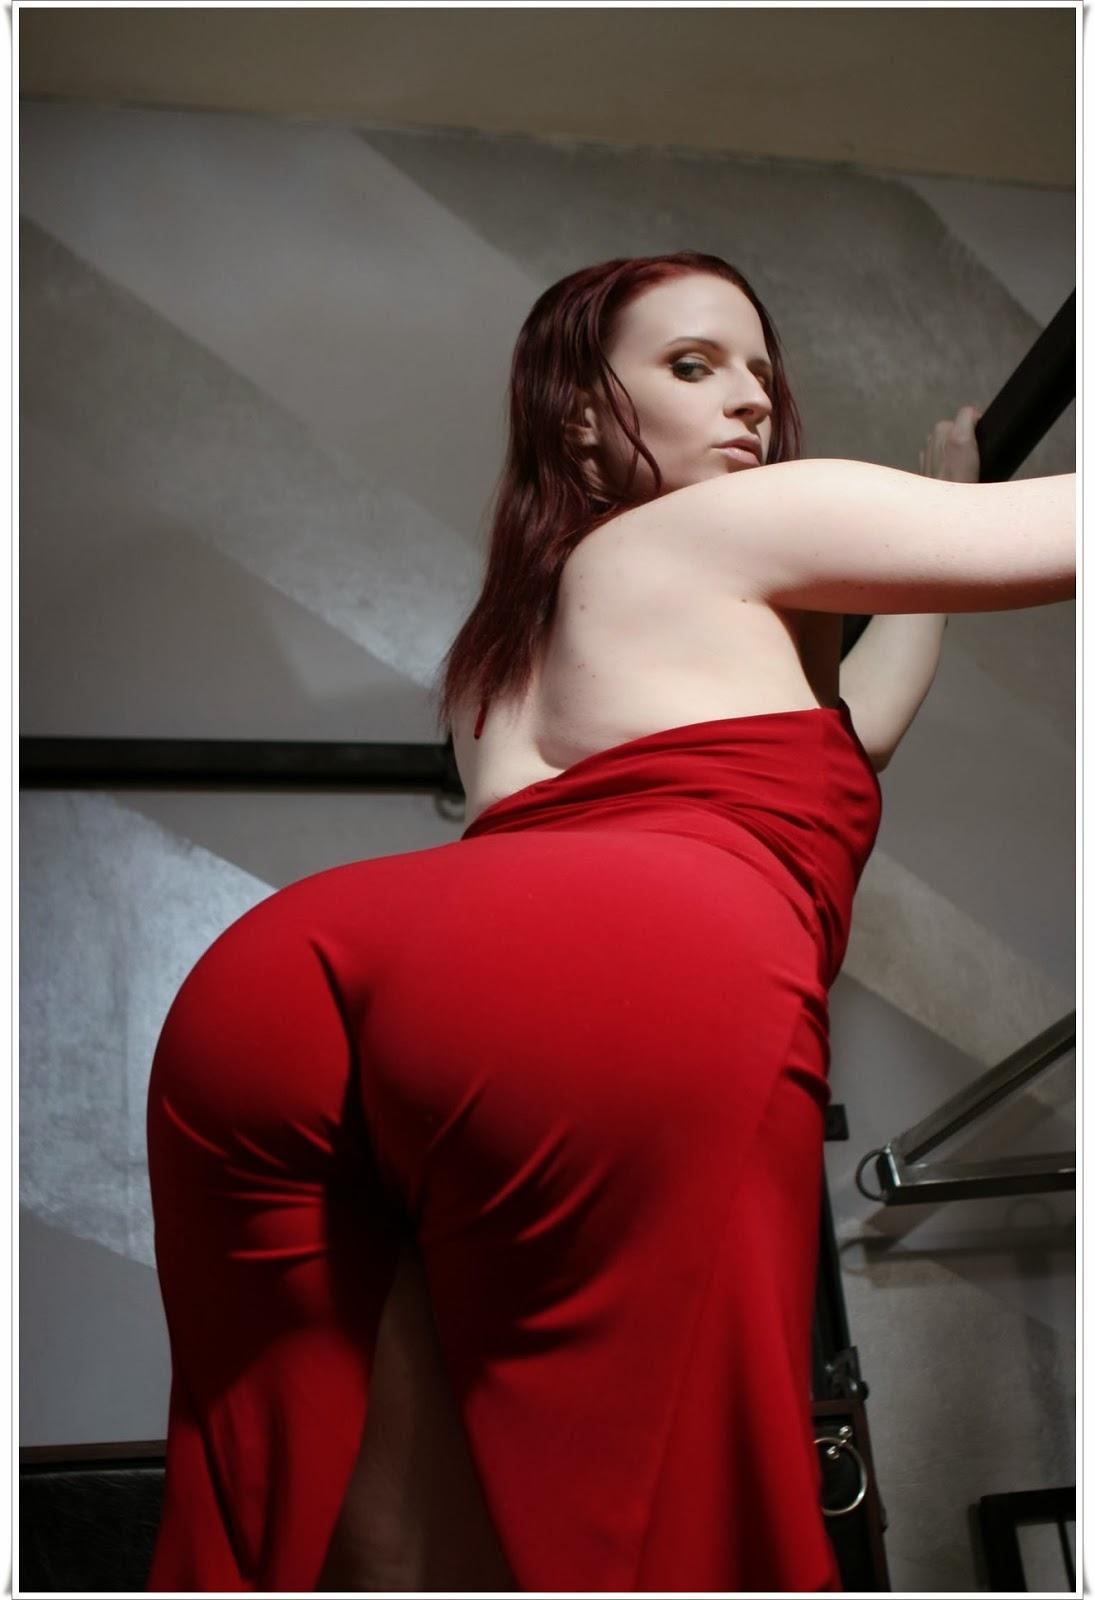 Большие попы в платьях порно, домашние фото секси девушек